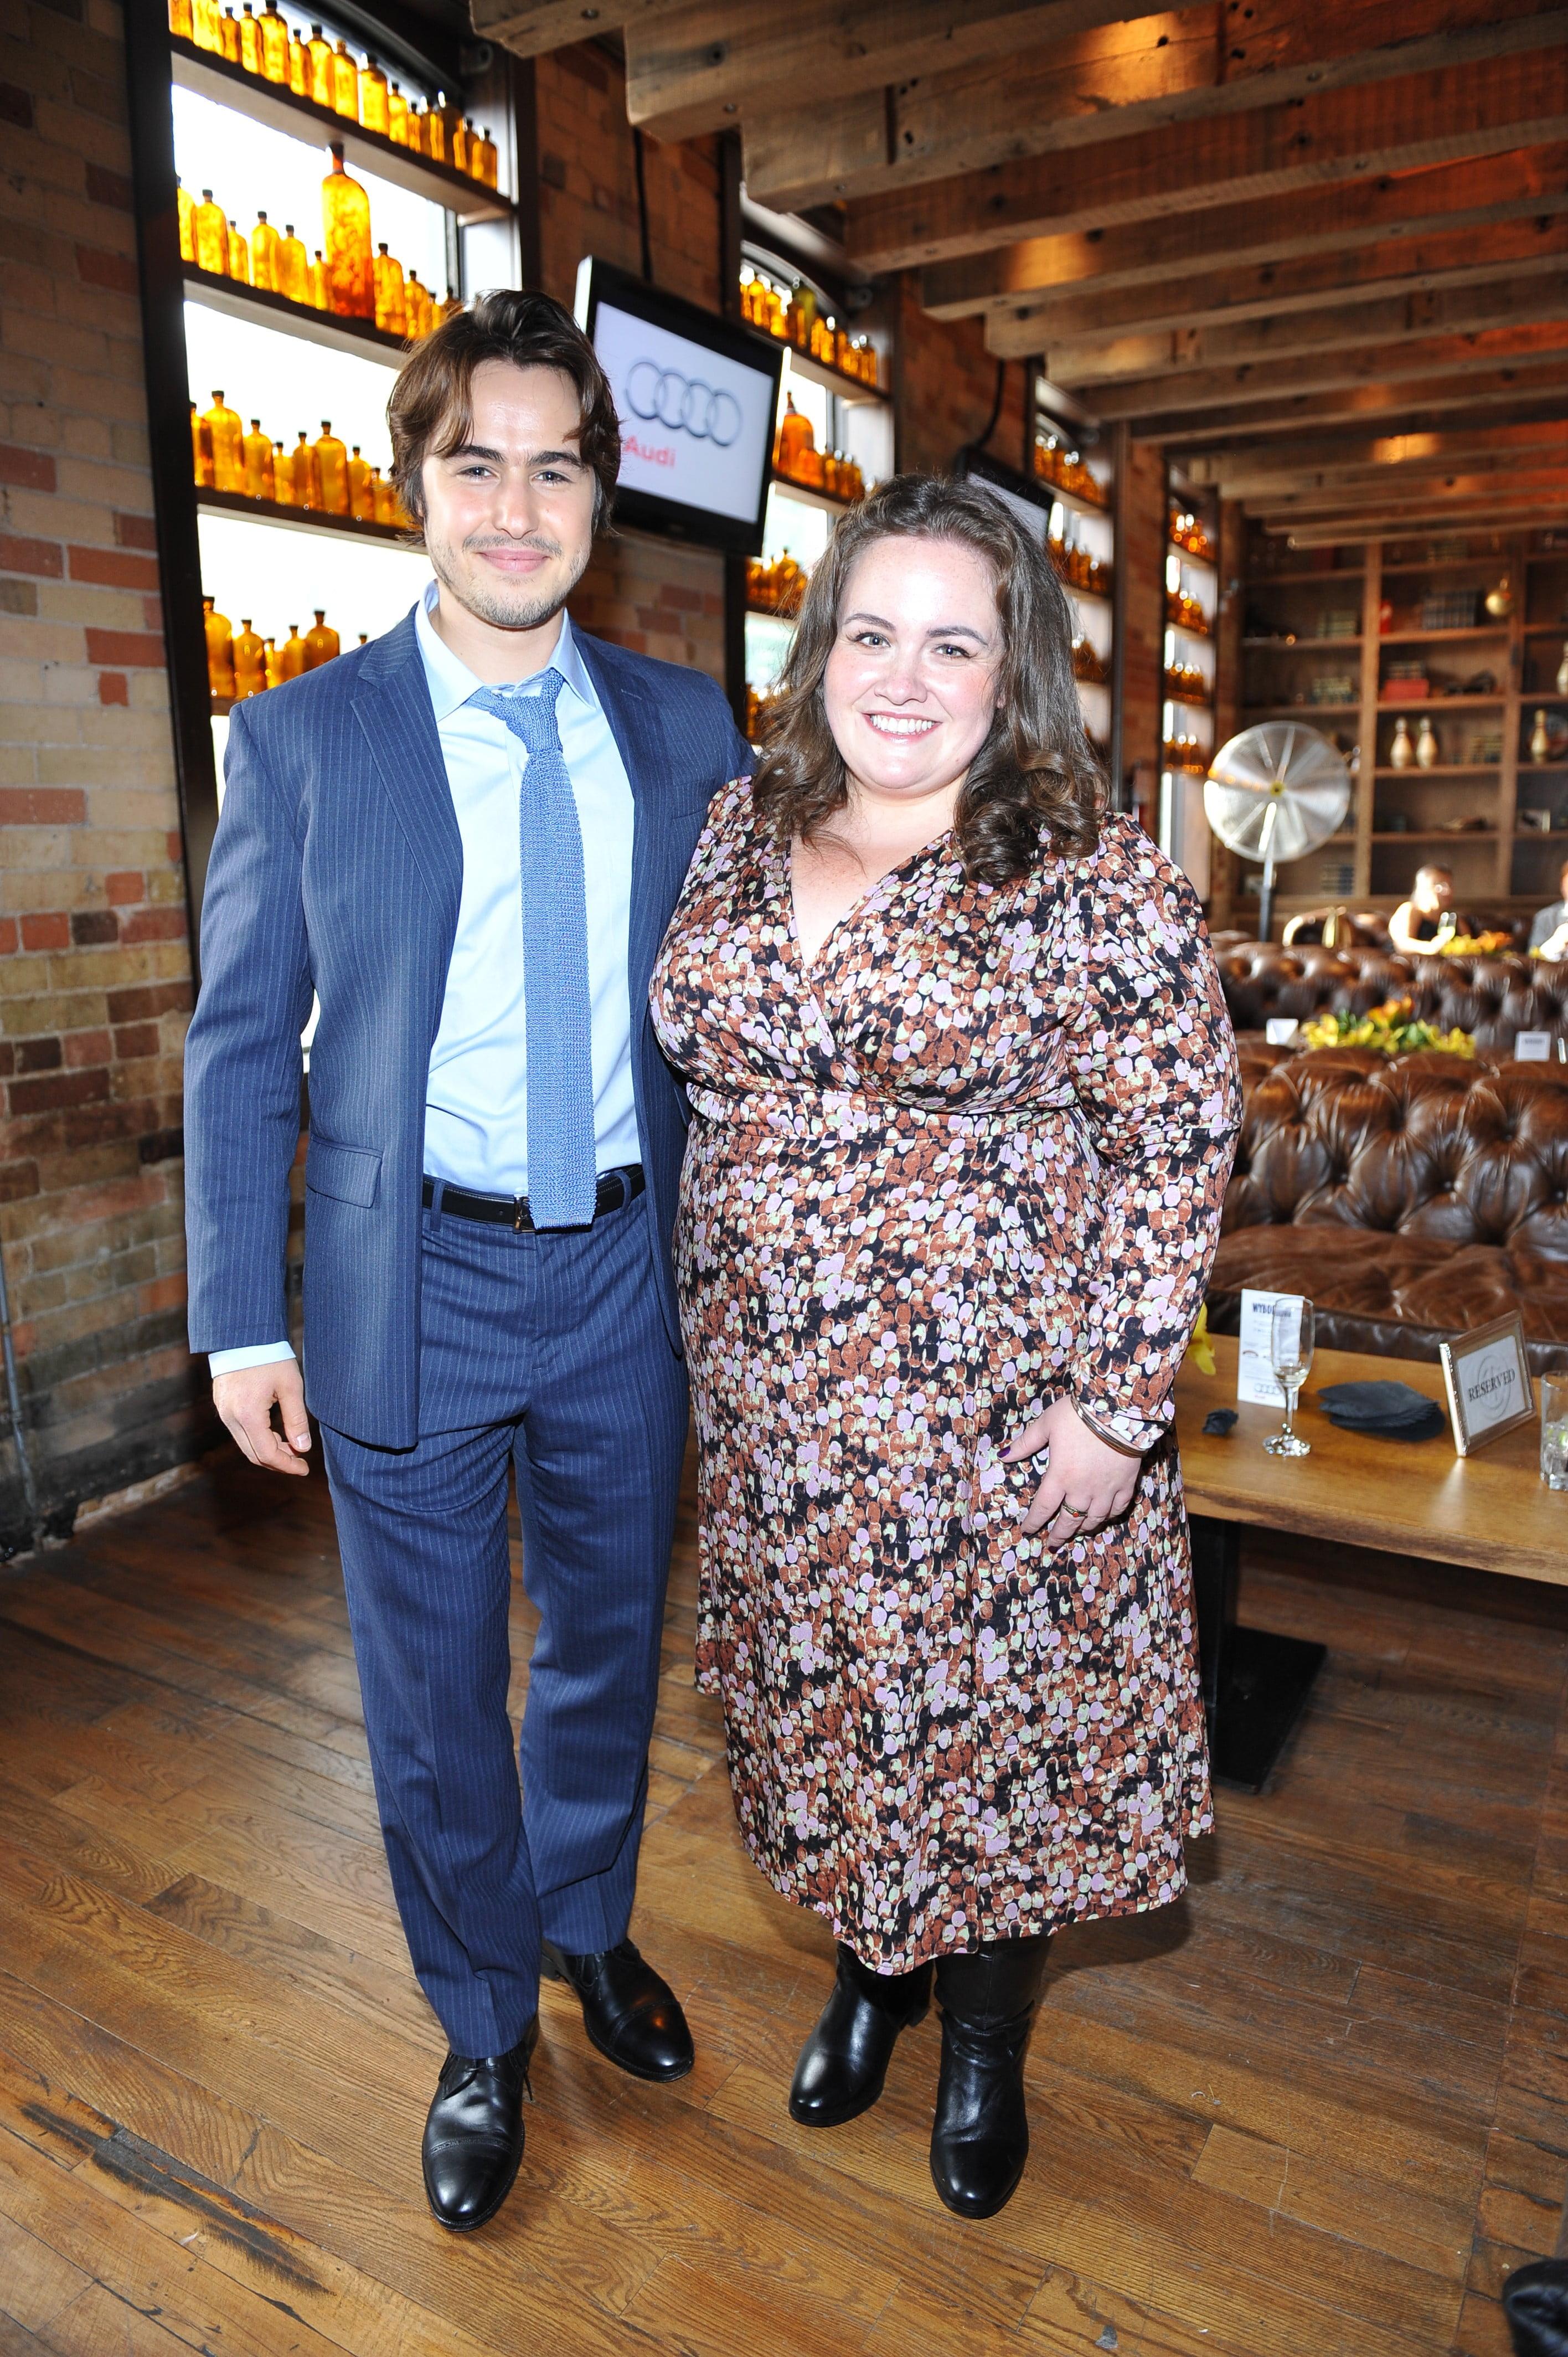 Ben Schnetzer and Jessica Gunning